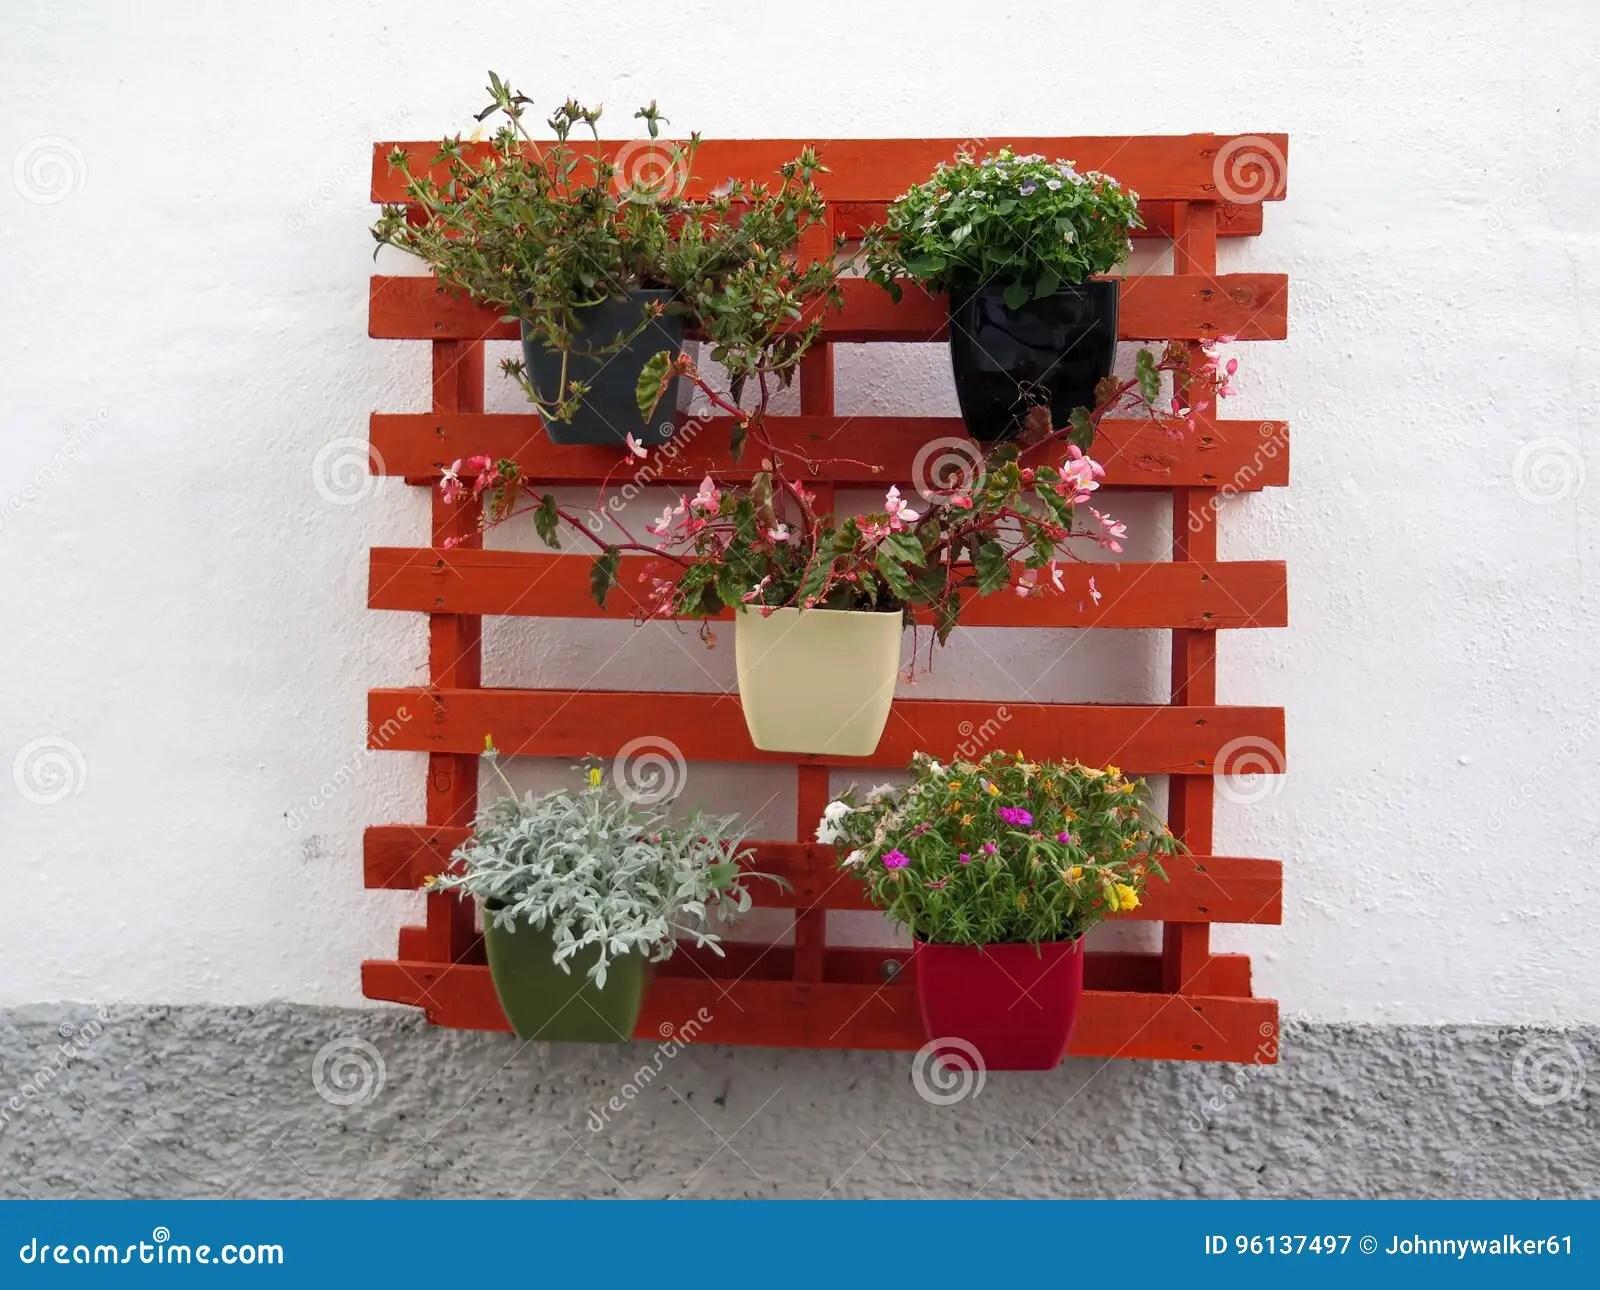 https fr dreamstime com photo stock pots fleur palette en bois peinte image96137497